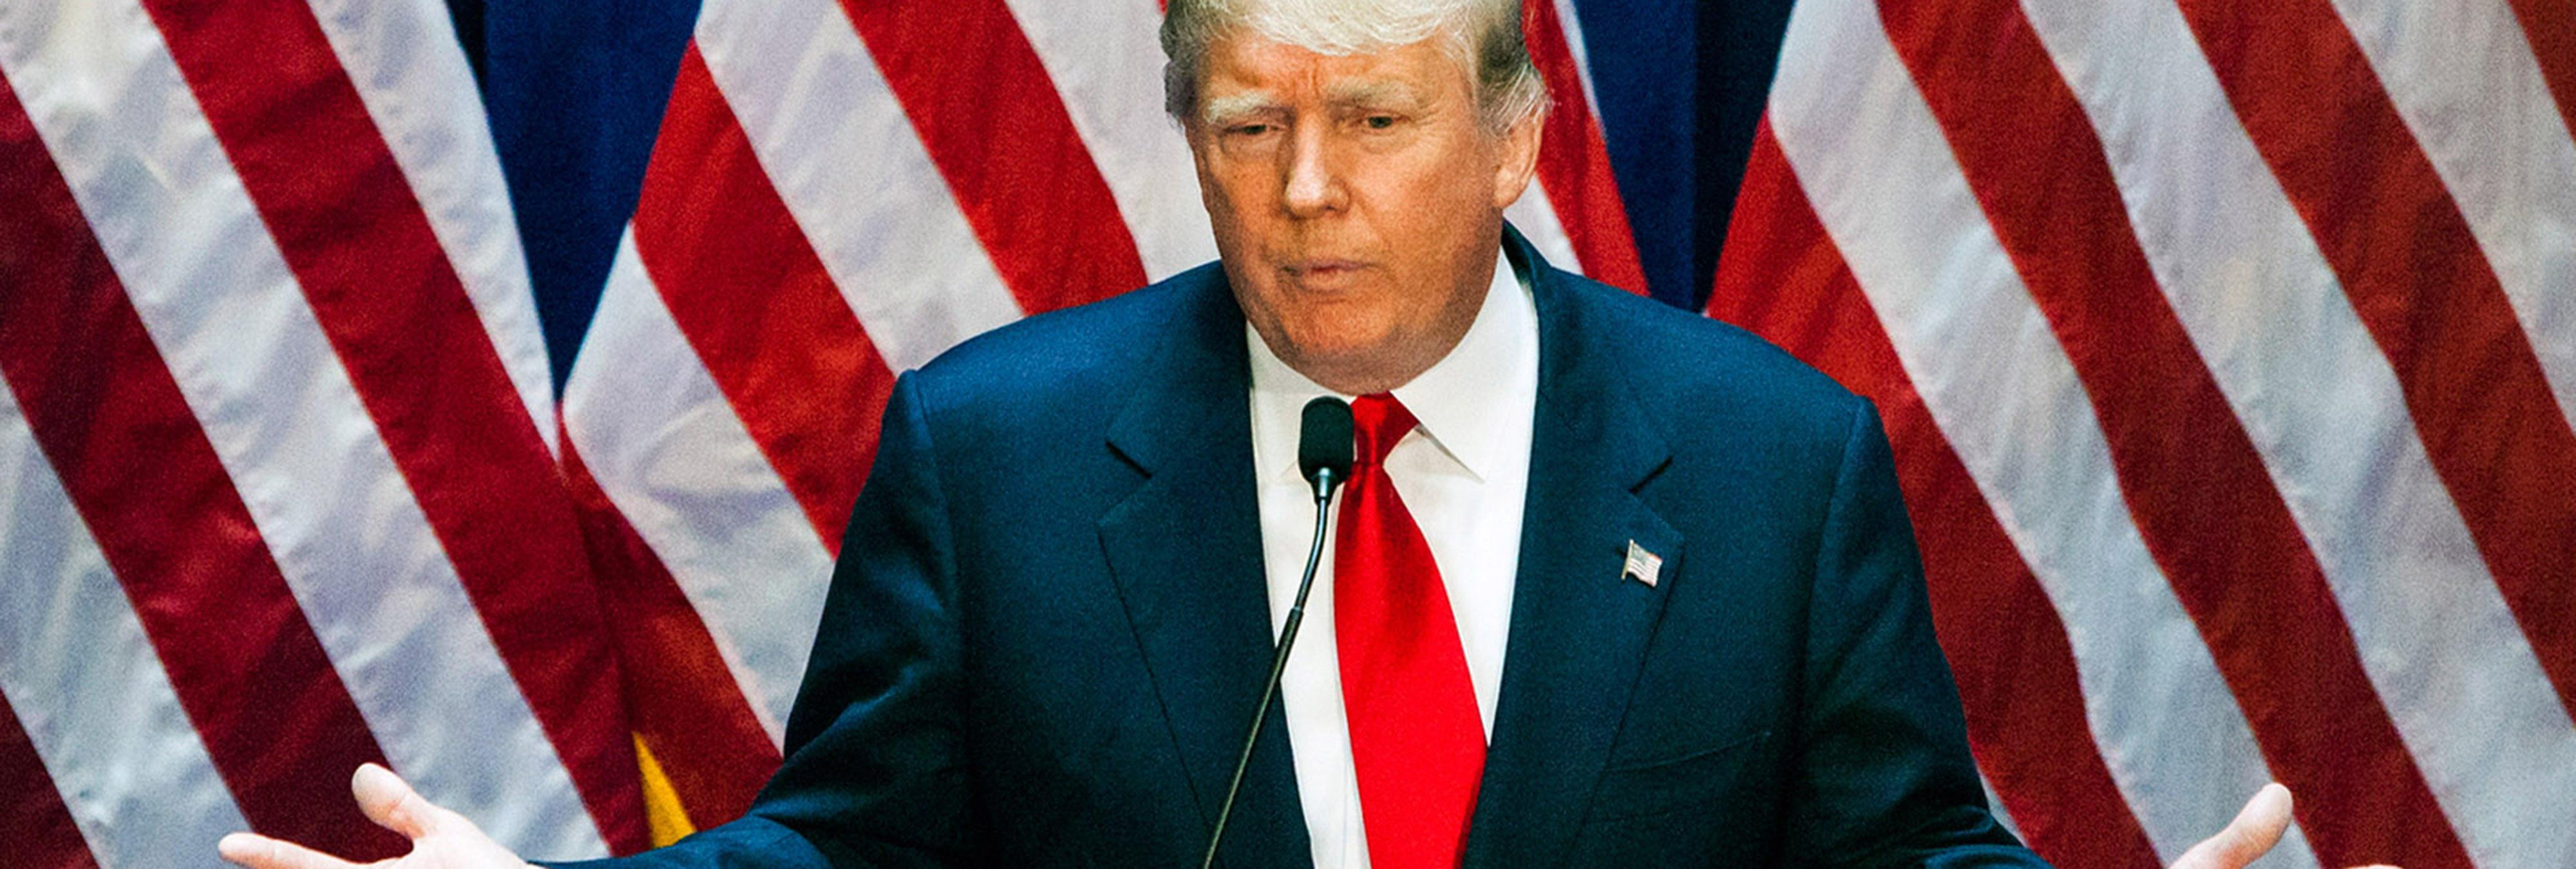 Así sería el mundo si Donald Trump fuera presidente de los EEEUU